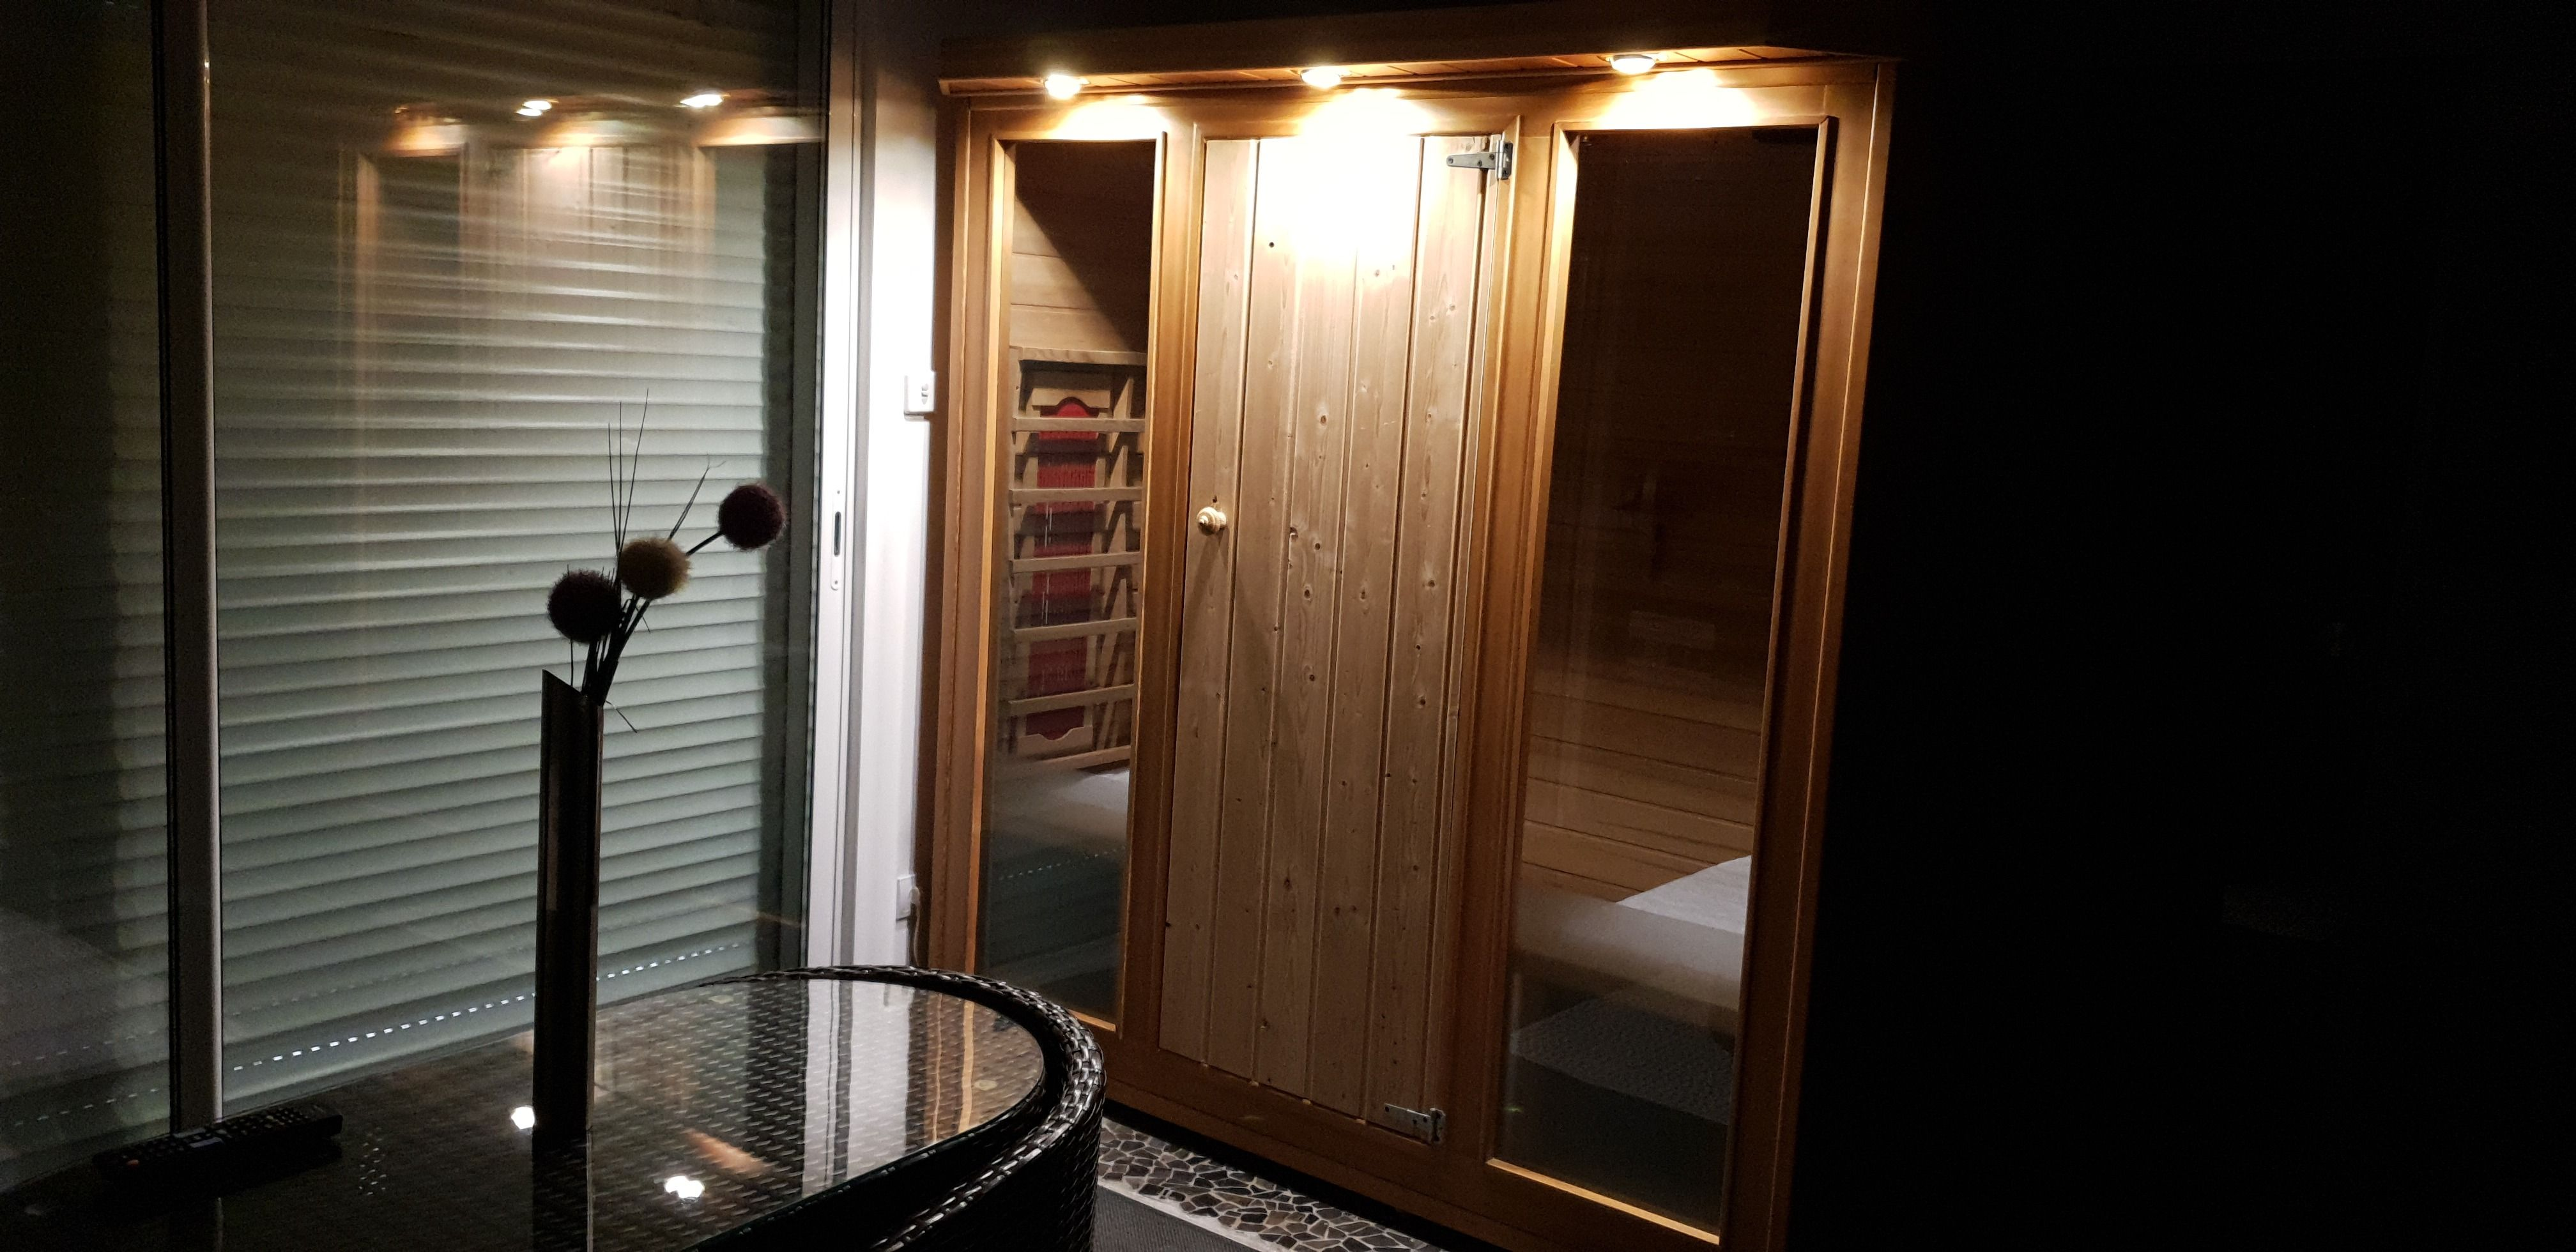 chambre-jacuzzi-privatif-lille-nord-pas-de-calais-sauna-lumiere-fleur-sauna